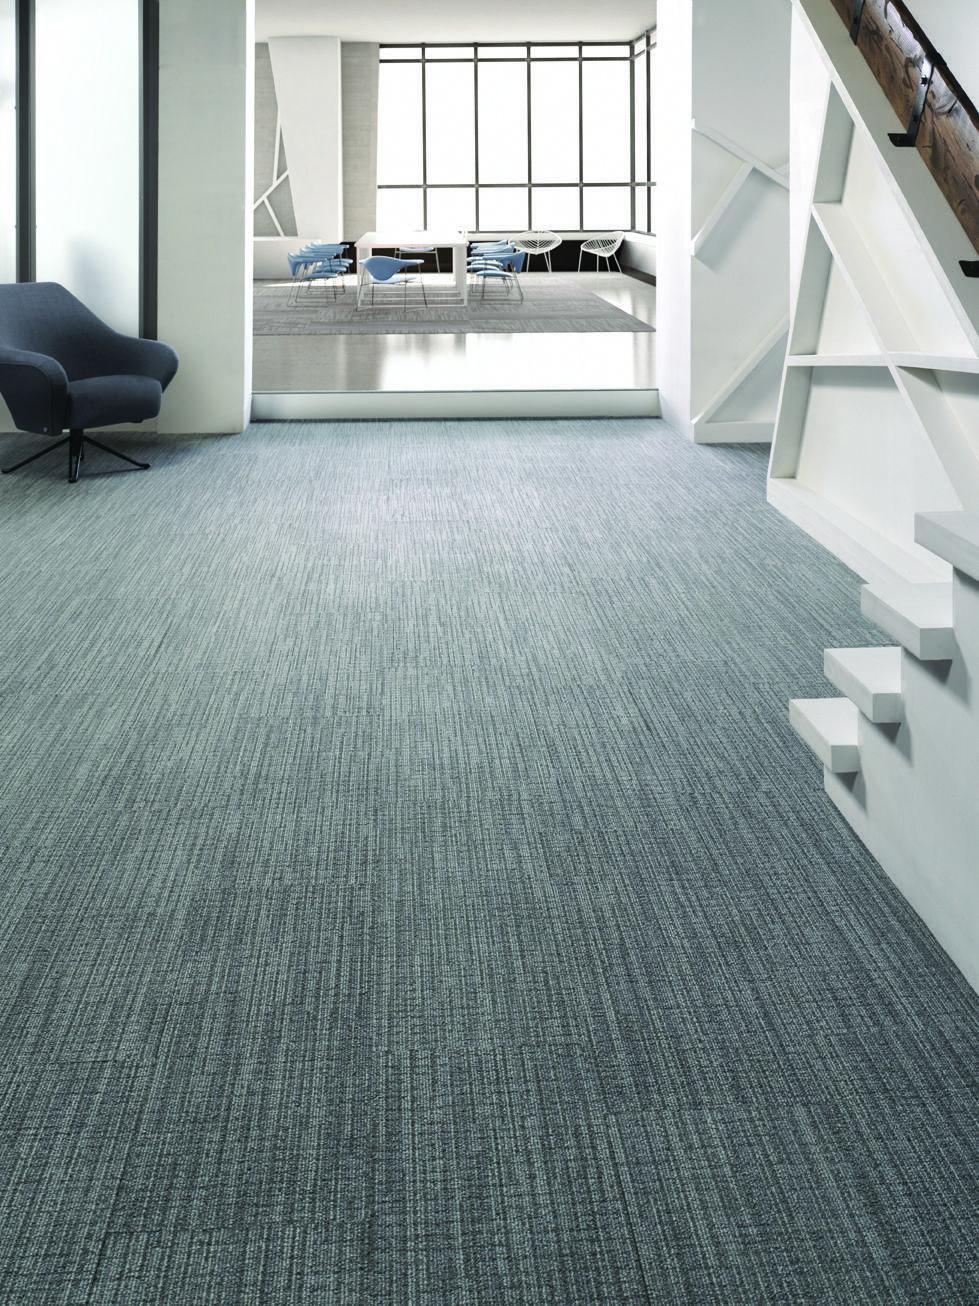 Carpet Runner Installation Near Me Commercial carpet tiles